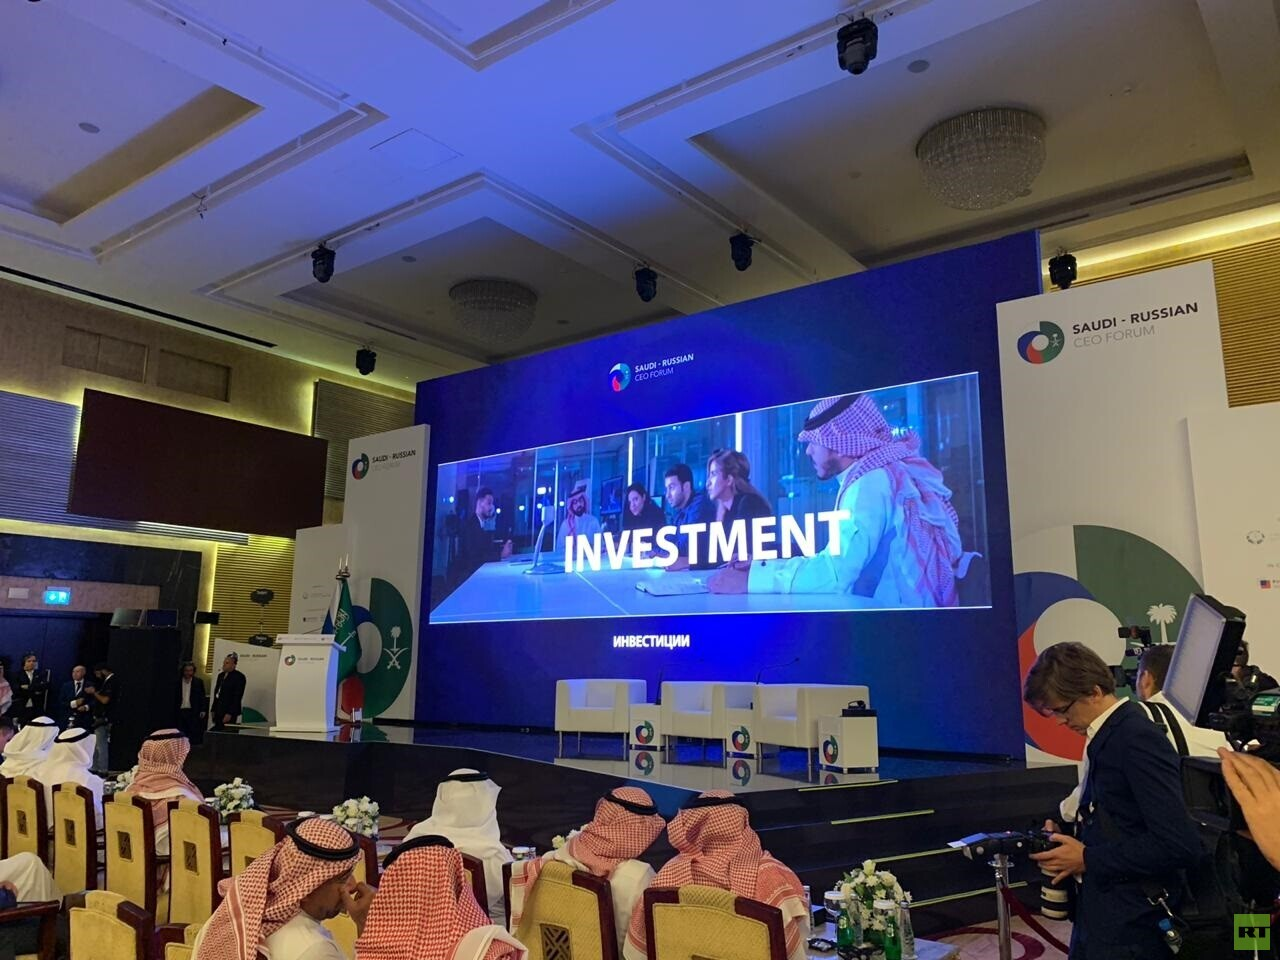 منتدى روسي سعودي للاستثمار في الرياض